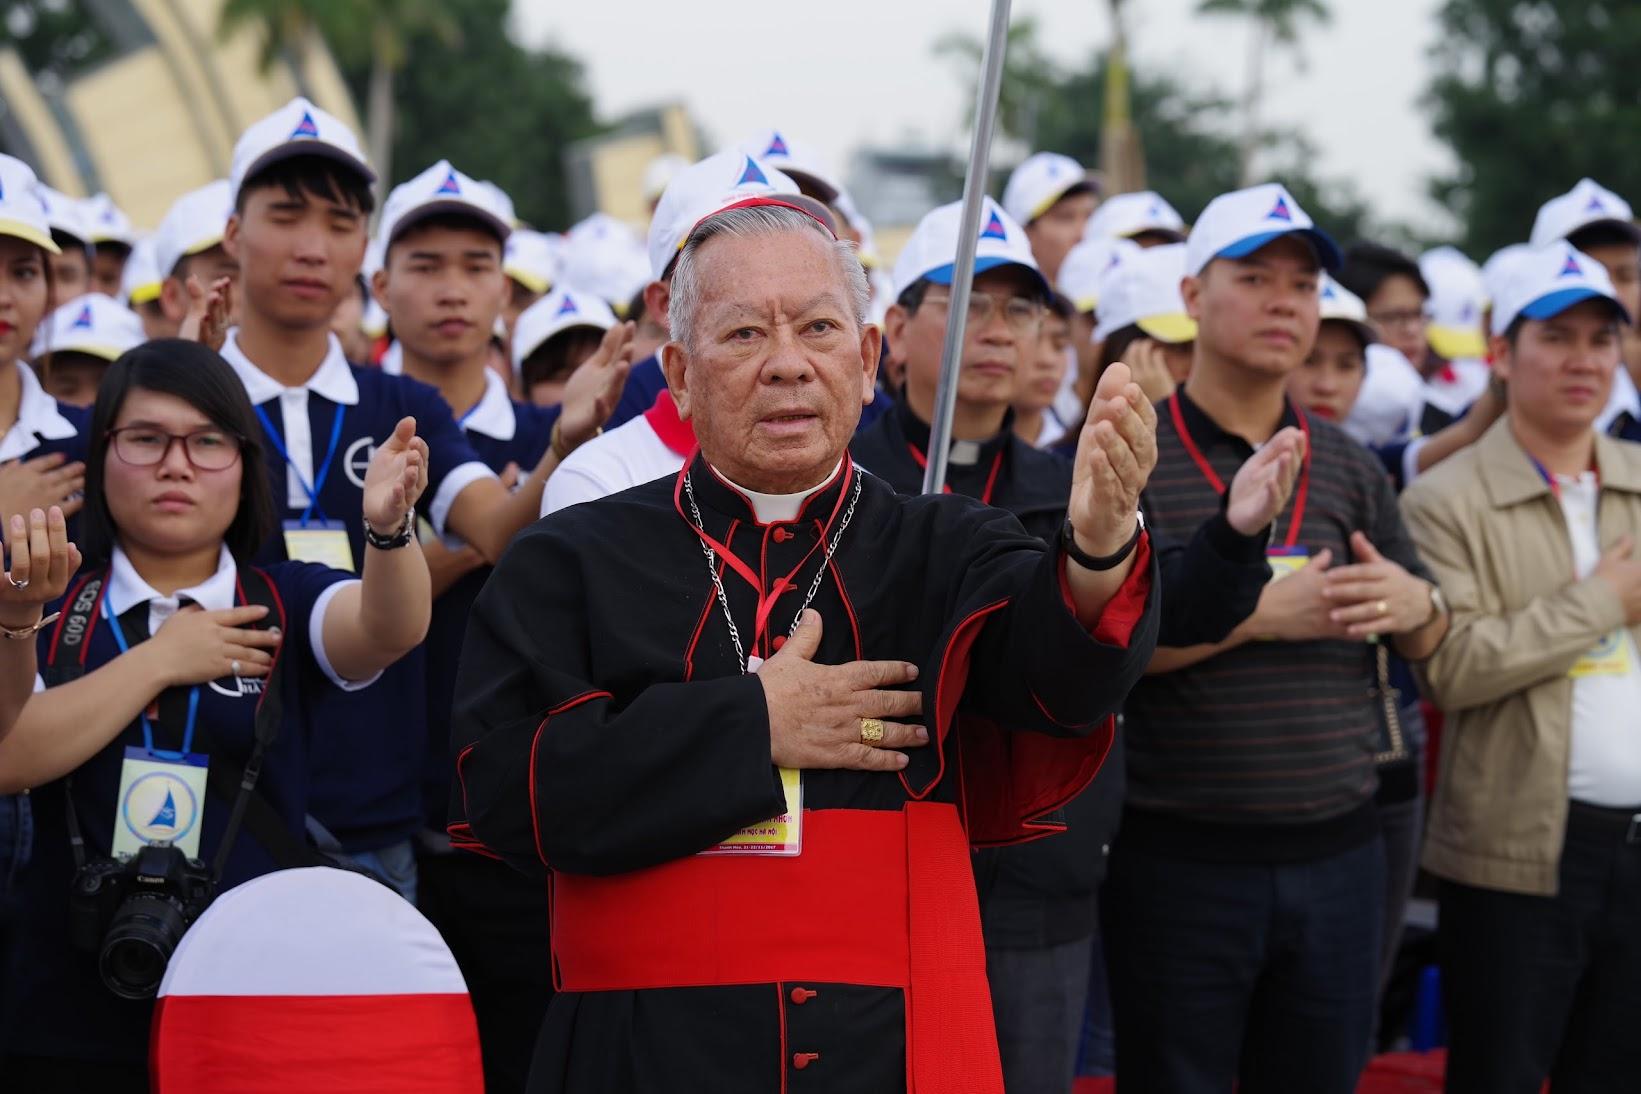 Những hình ảnh đẹp về lễ khai mạc Đại Hội Giới Trẻ giáo tỉnh Hà Nội lần thứ XV tại Thanh Hóa - Ảnh minh hoạ 41